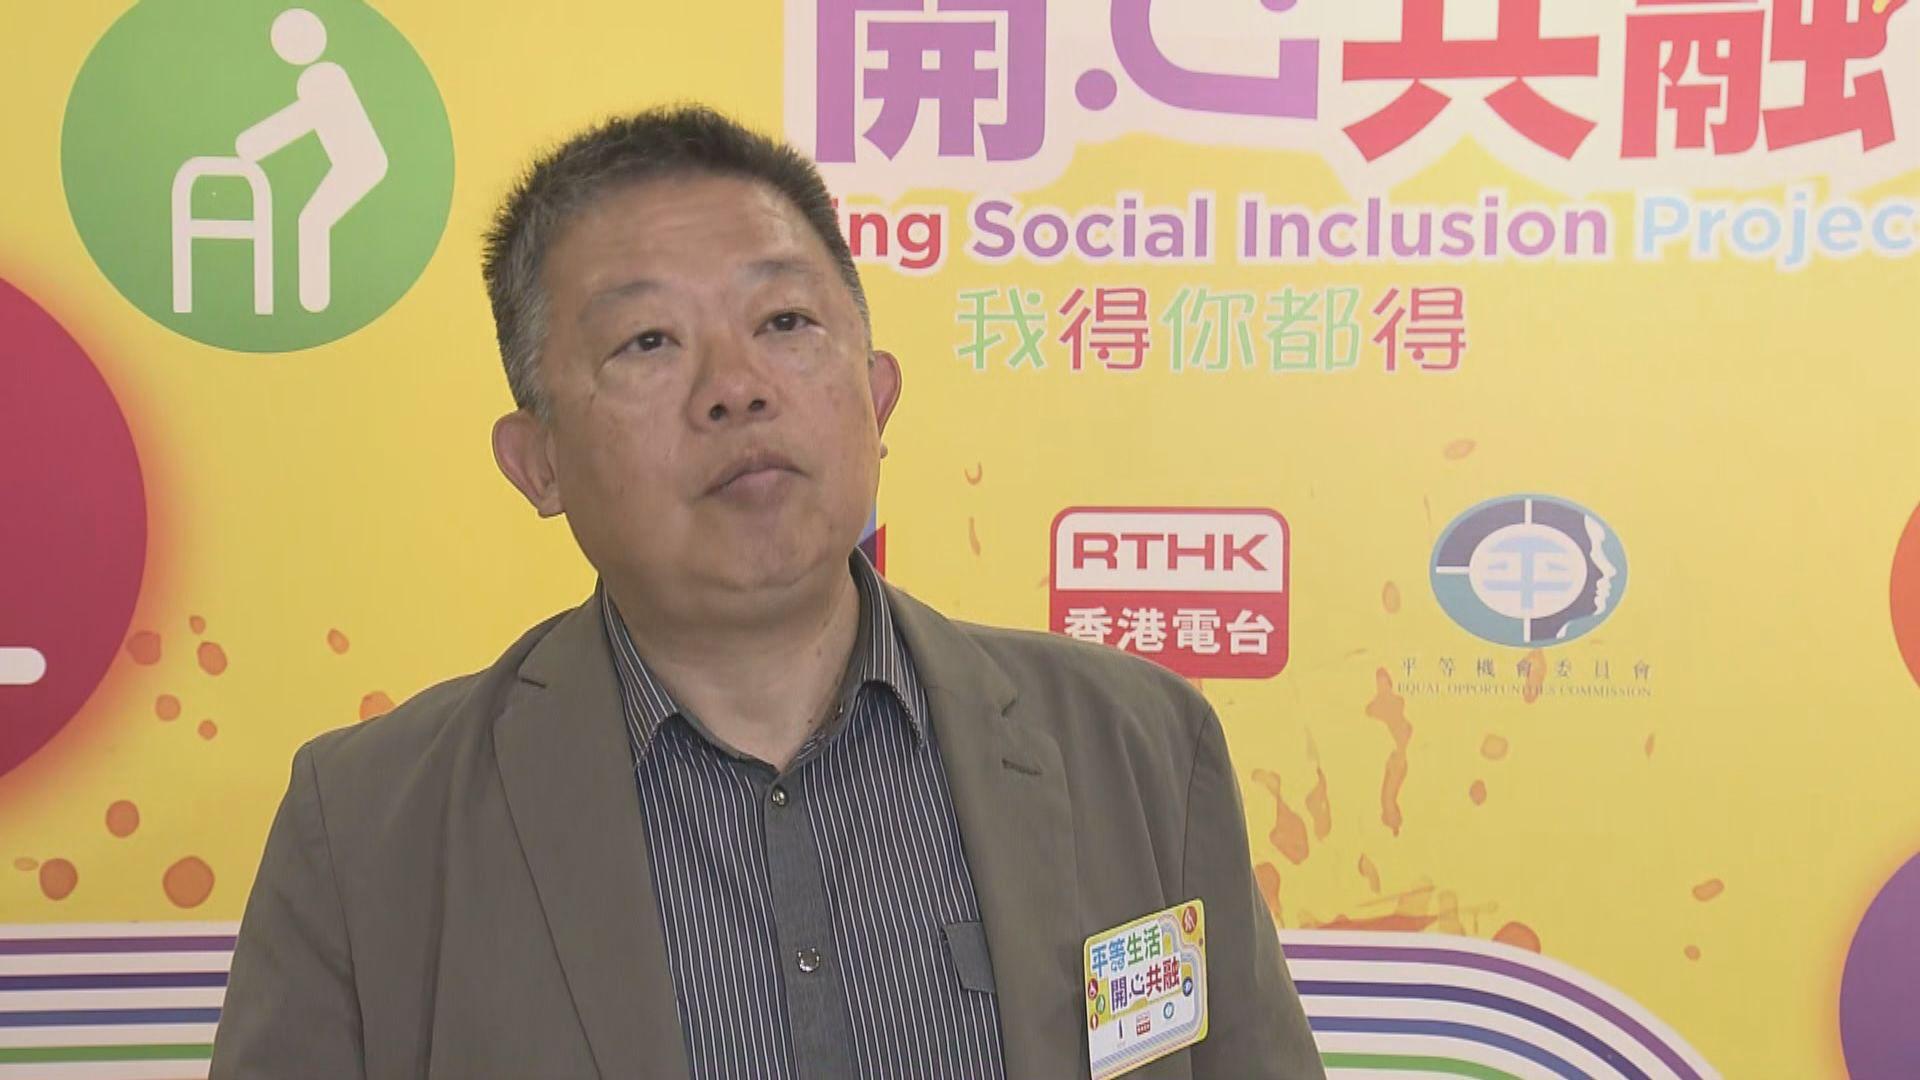 平機會主席朱敏健指被警員性騷擾個案需更多資料